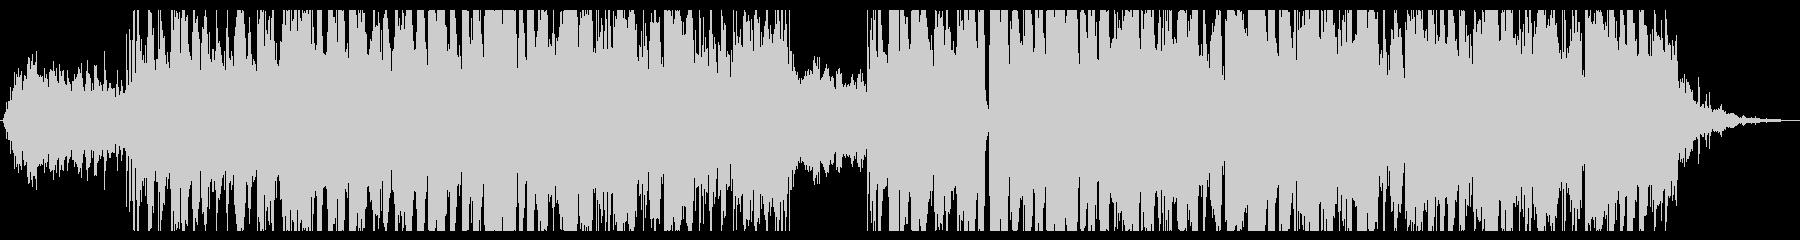 白銀の舞うイメージのラブバラードの未再生の波形